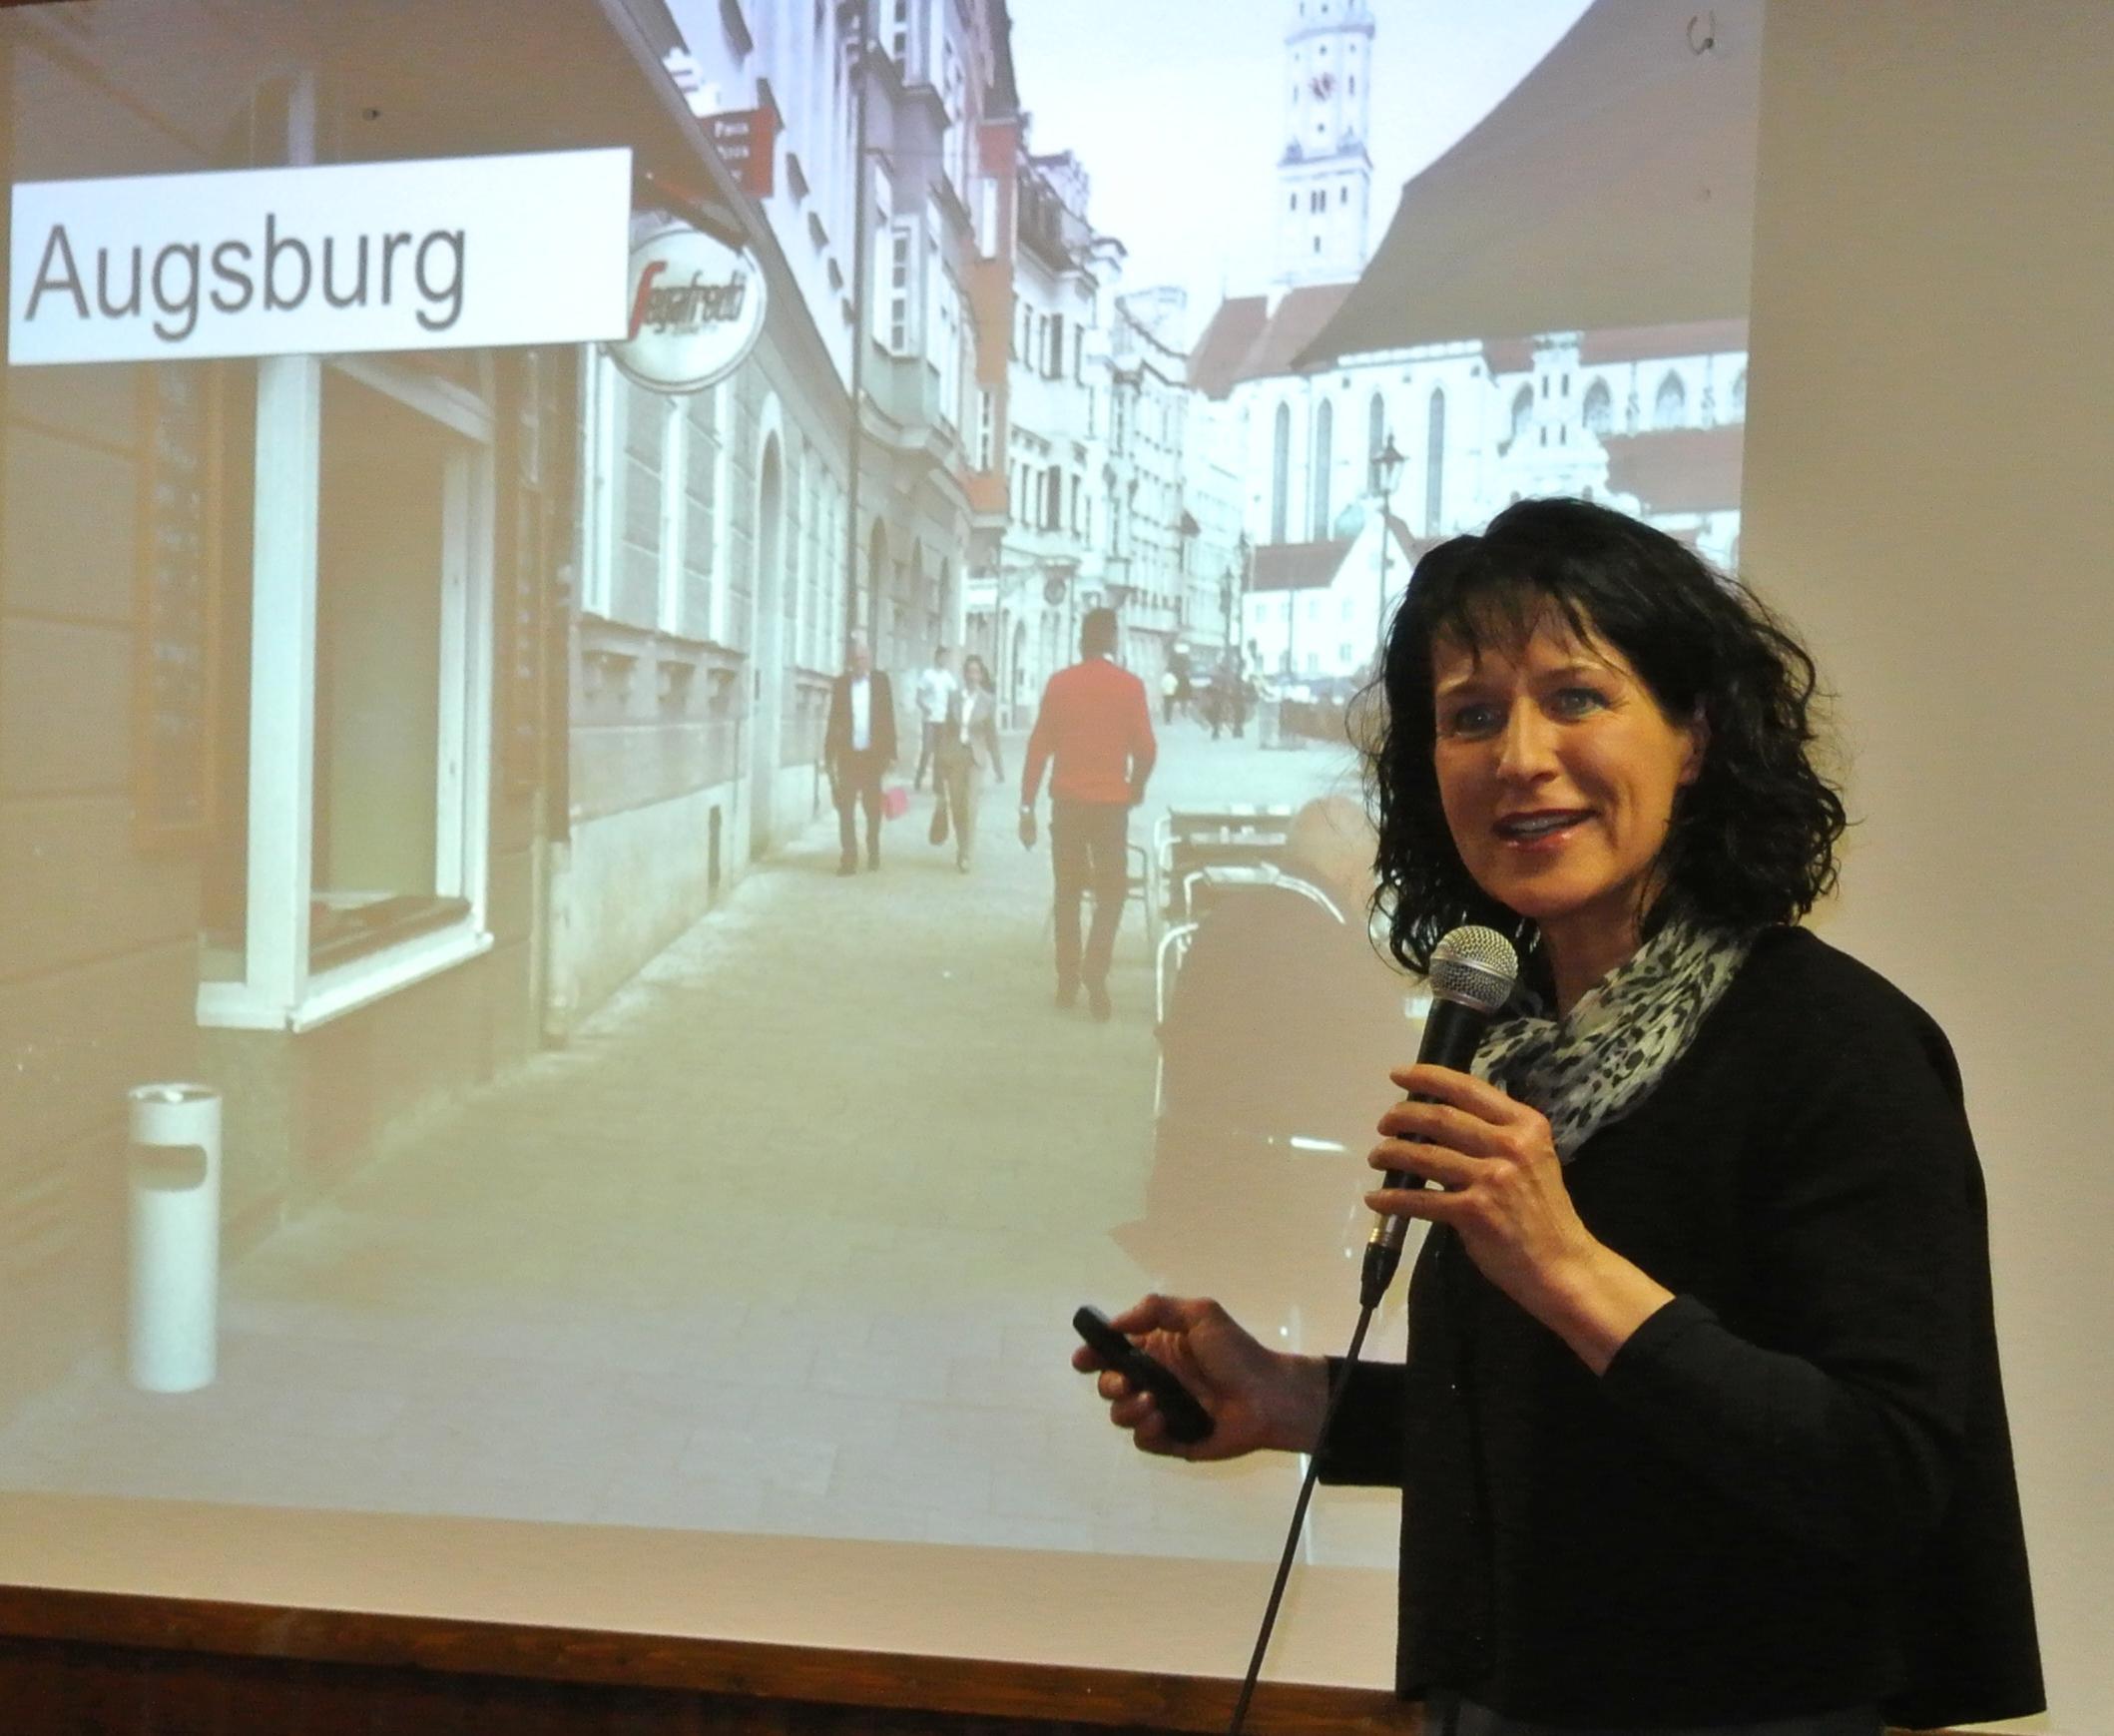 PM 20160225. Mit kreativen Lösungen zum Ziel. Chrstine Degenhart zu Gast beim Bürgerforum